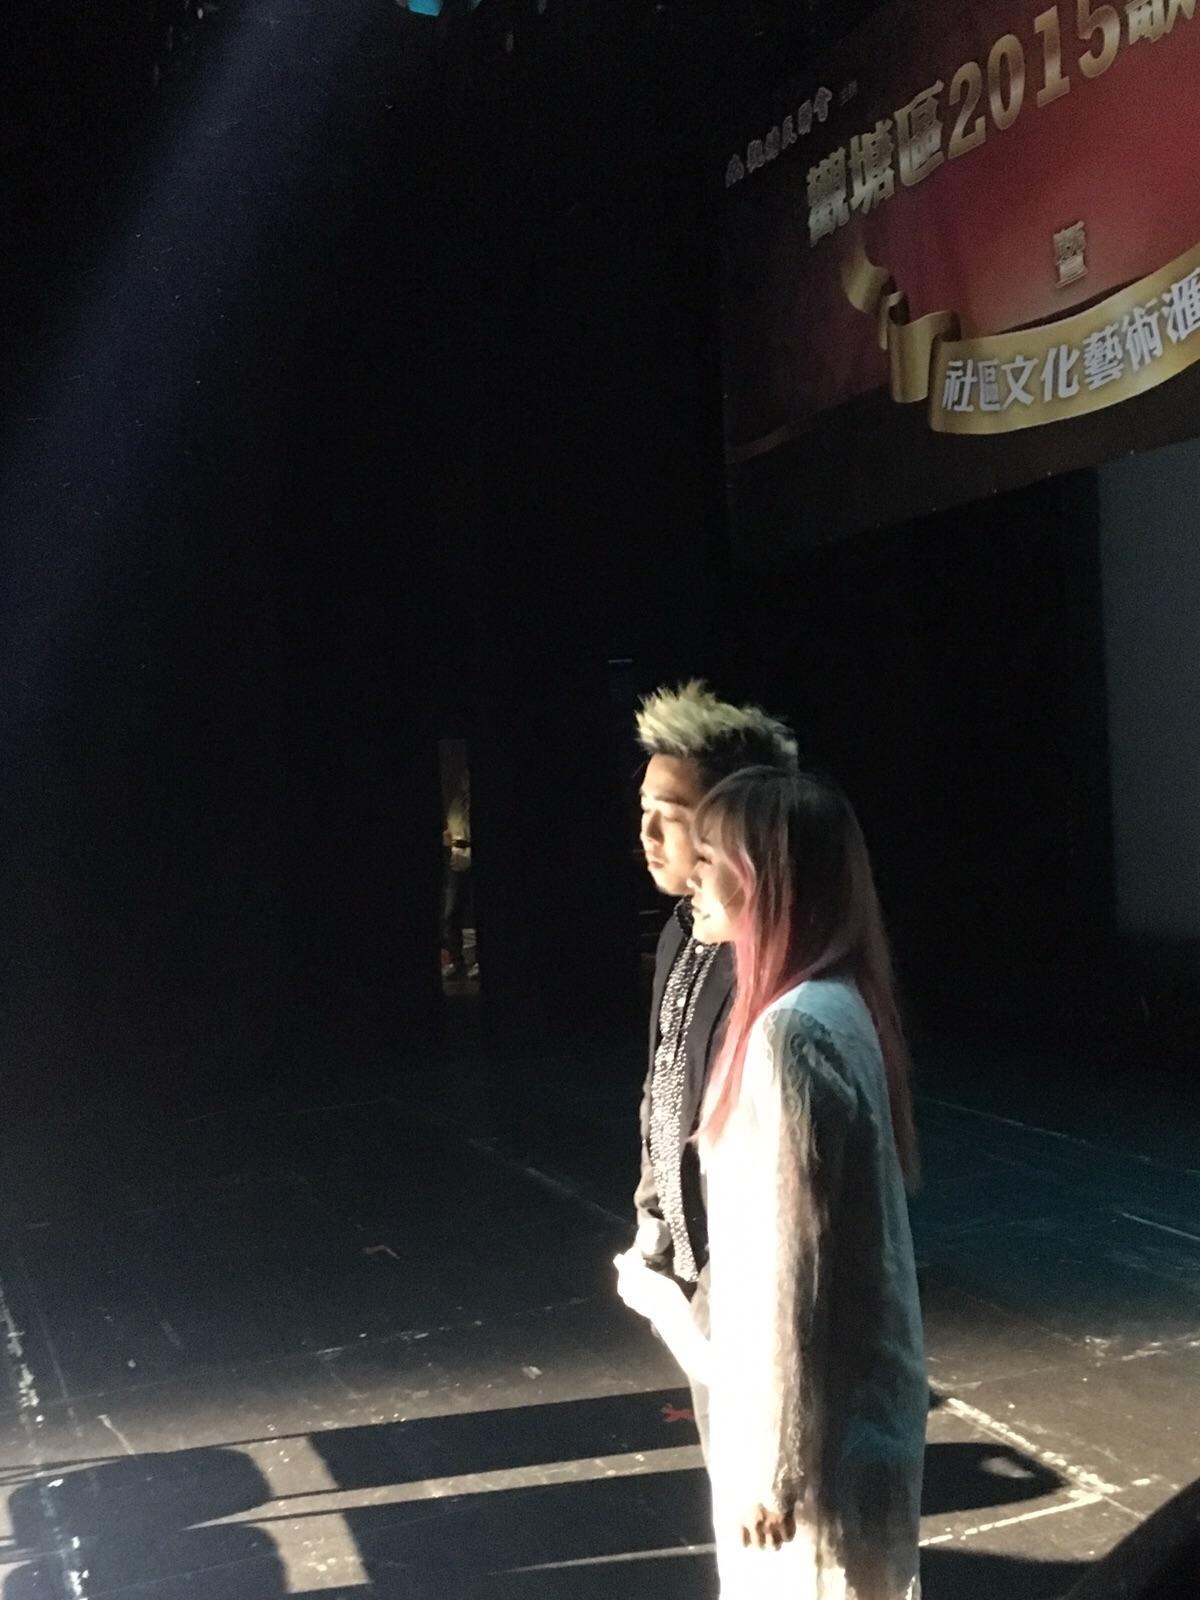 觀塘區「社區文化藝術滙演」 | Singingholic 音樂 戲劇